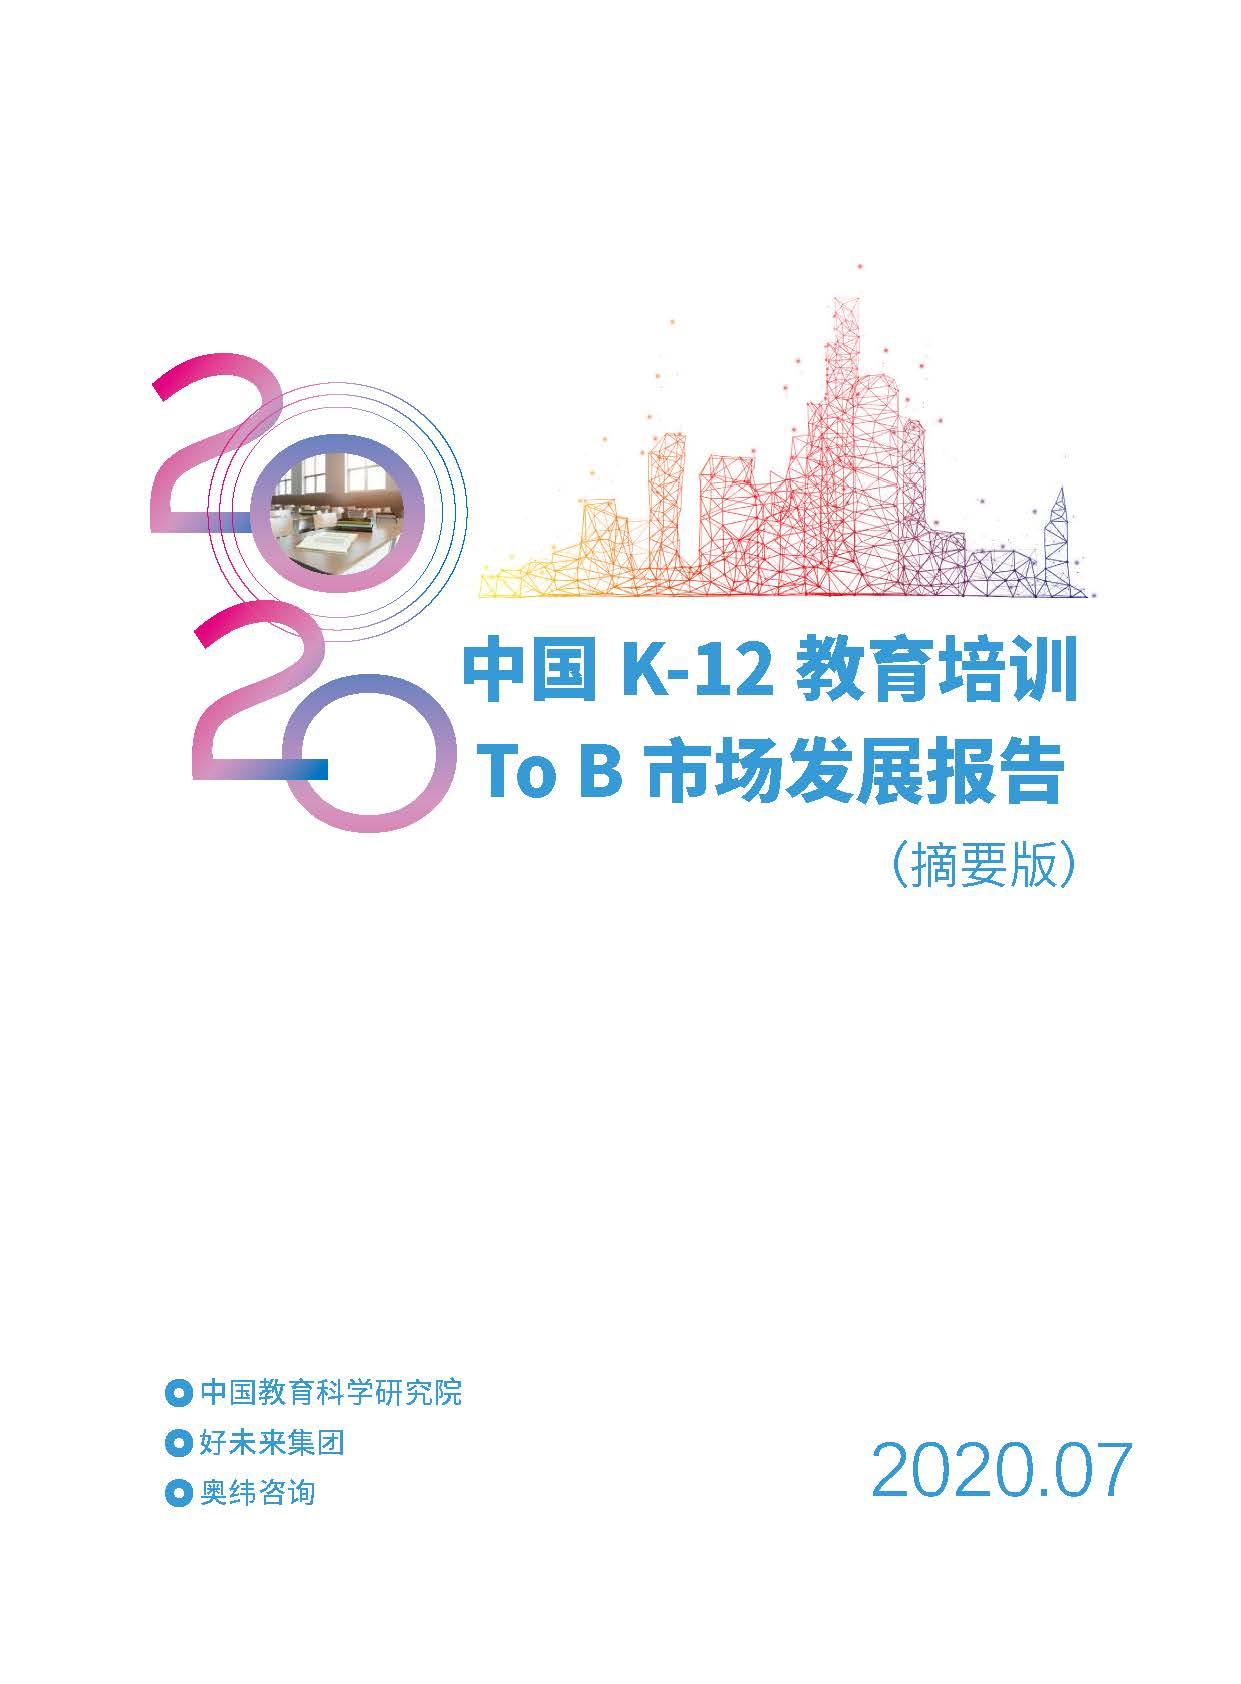 中国教育科学研究院:2020中国K~12教育培训To B市场发展报告(56页)_页面_01.jpg